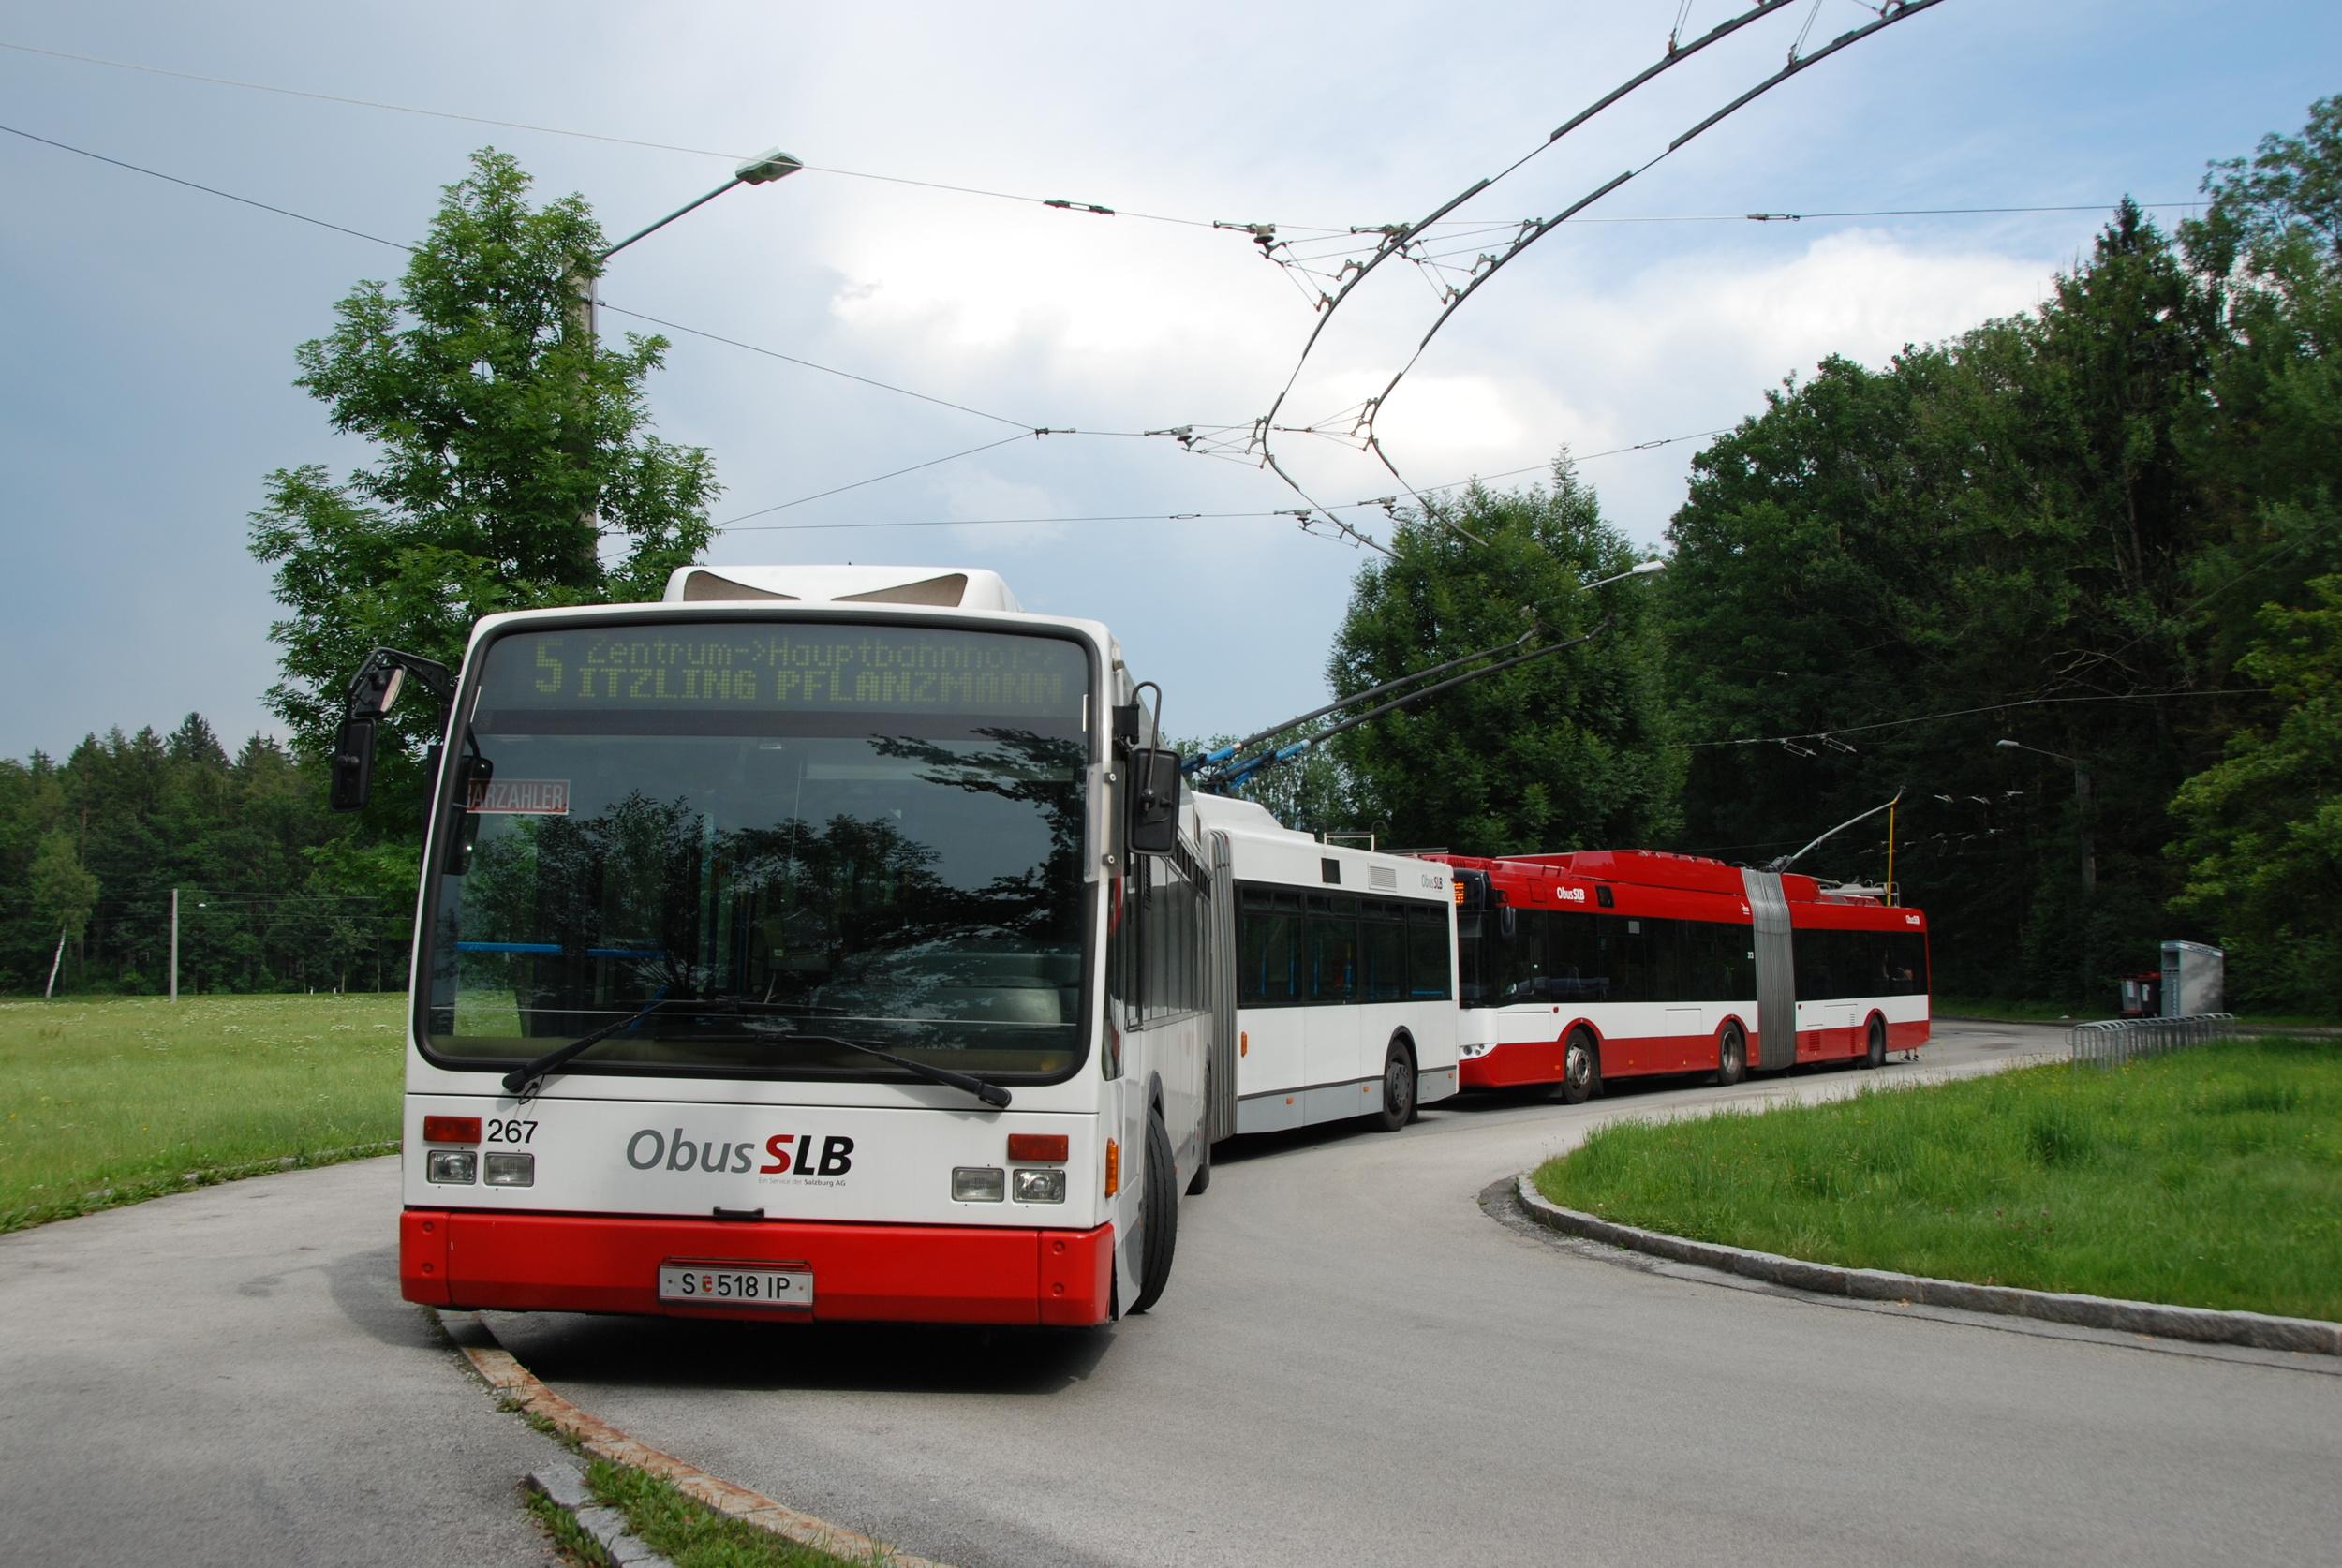 Rakouský Salzburg je pro mnohá evropská města vzorem. Ostatně jeho přístup k ekologii a trolejbusové dopravě ja jednoznačně příkladný. (foto: Libor Hinčica)